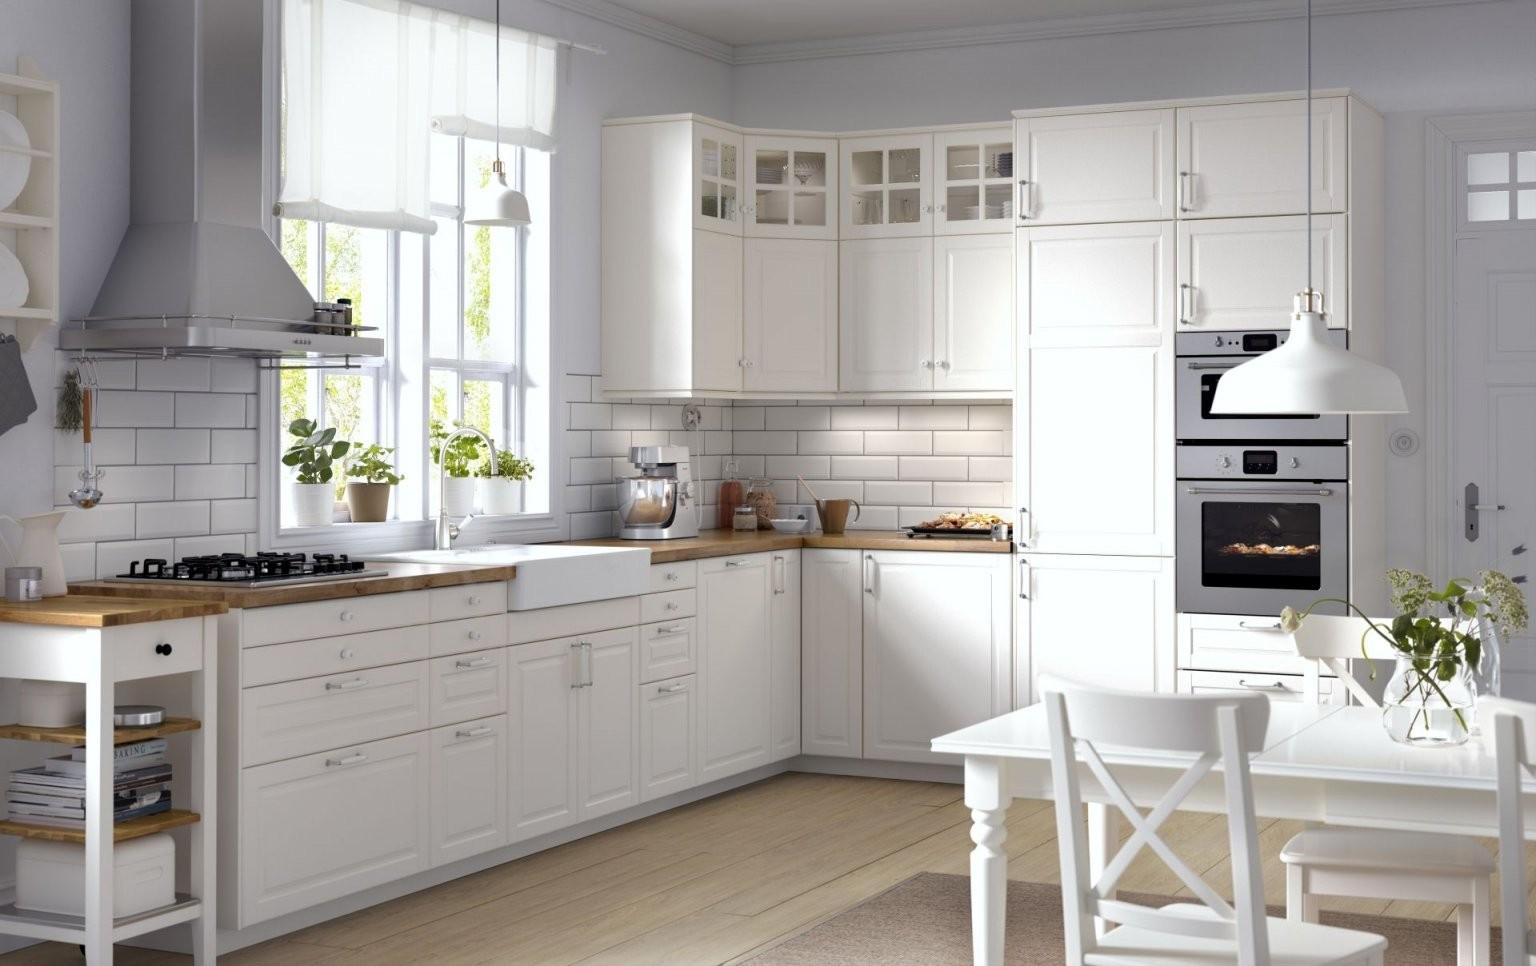 Metod Keuken  Ikea Ikeanl Keukensysteem Landelijk Wit Hout von Ikea Küche Metod Bodbyn Bild